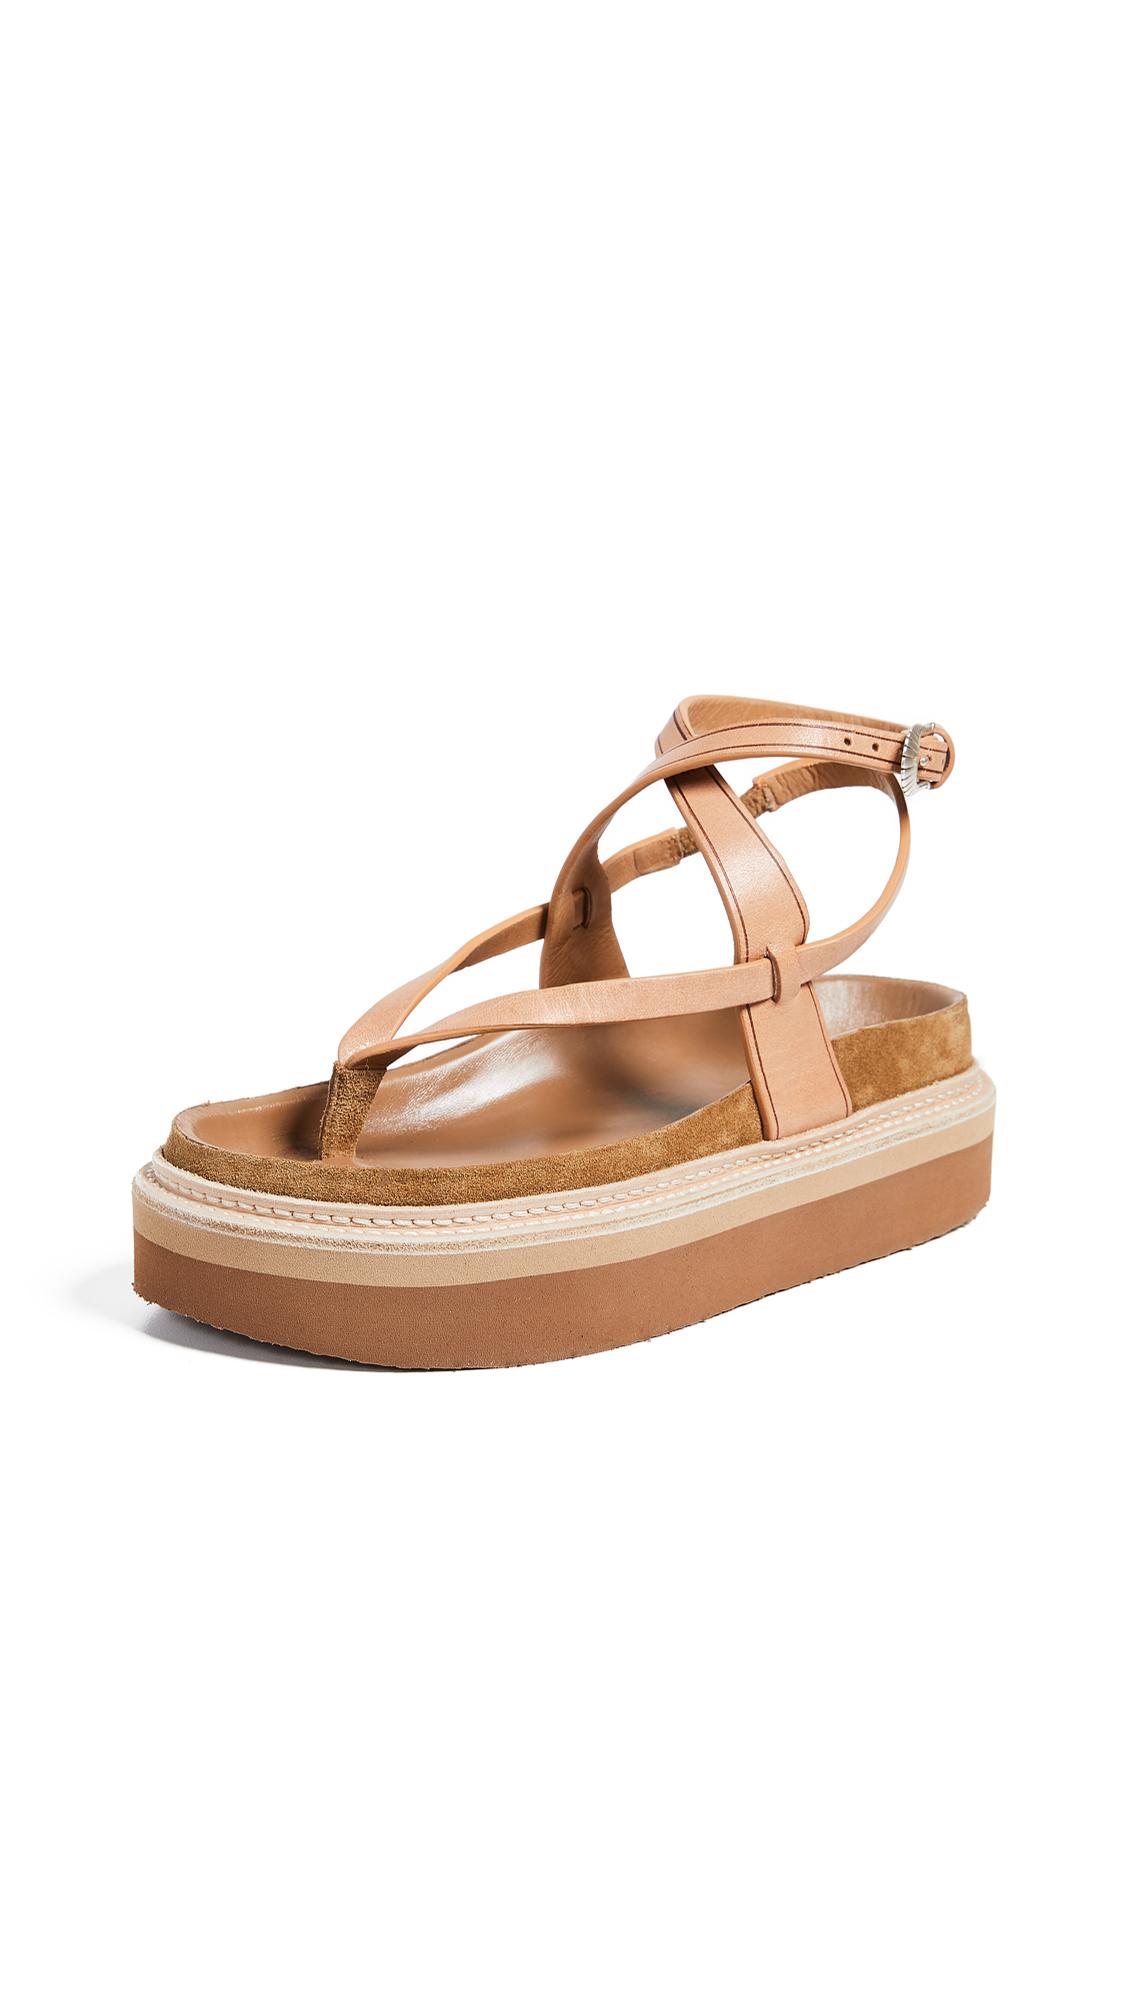 Isabel Marant Esely Platform Sandals - Brown